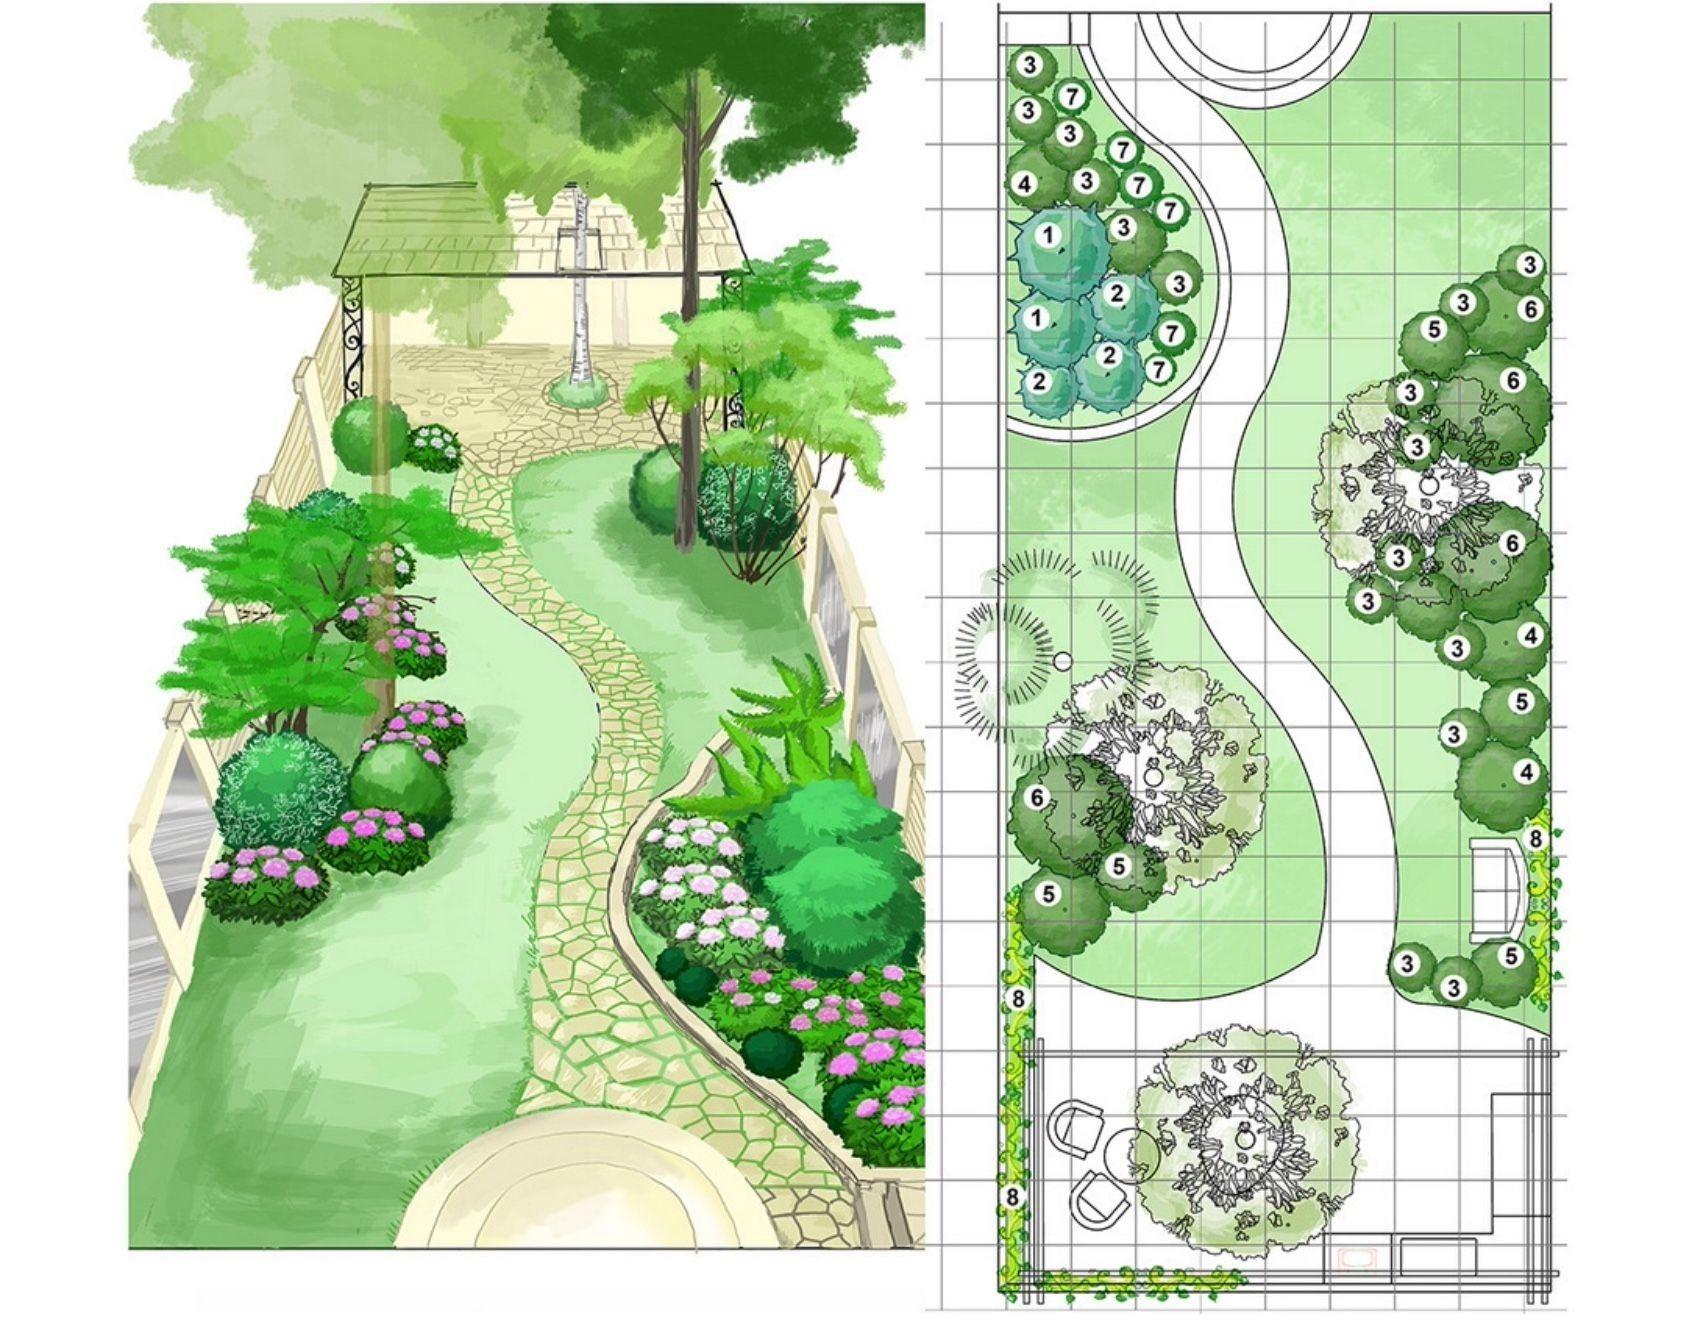 12 Unique Landscape Design Plans Backyard Cn01cw With Images